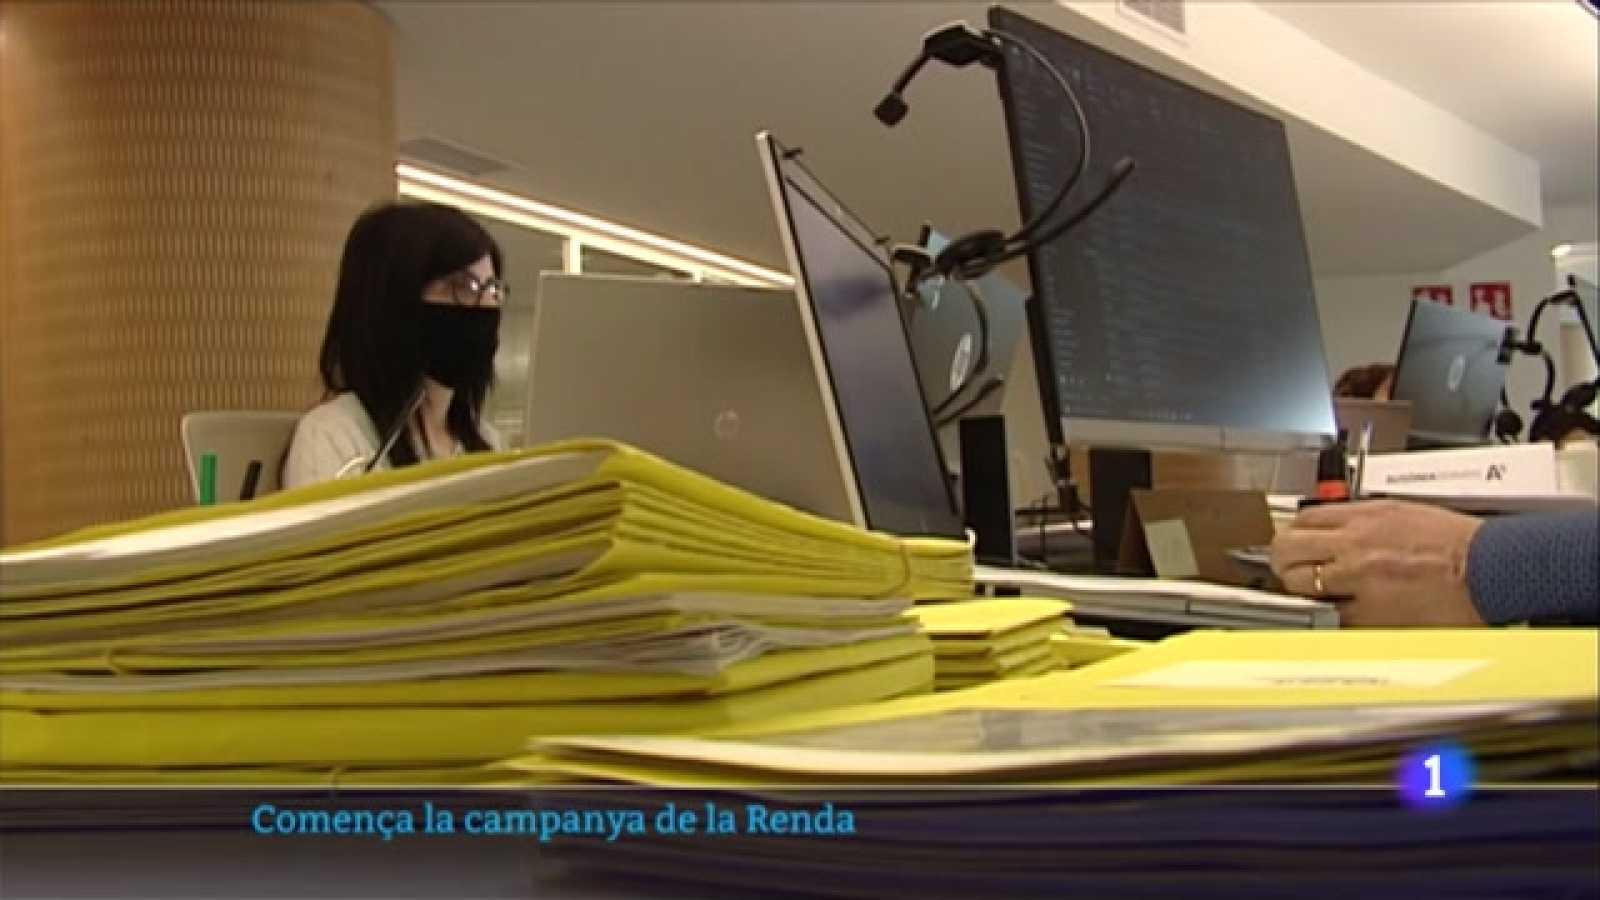 Arrenca una campanya de la renda més complicada pels ERTO i els ajuts per la pandèmia